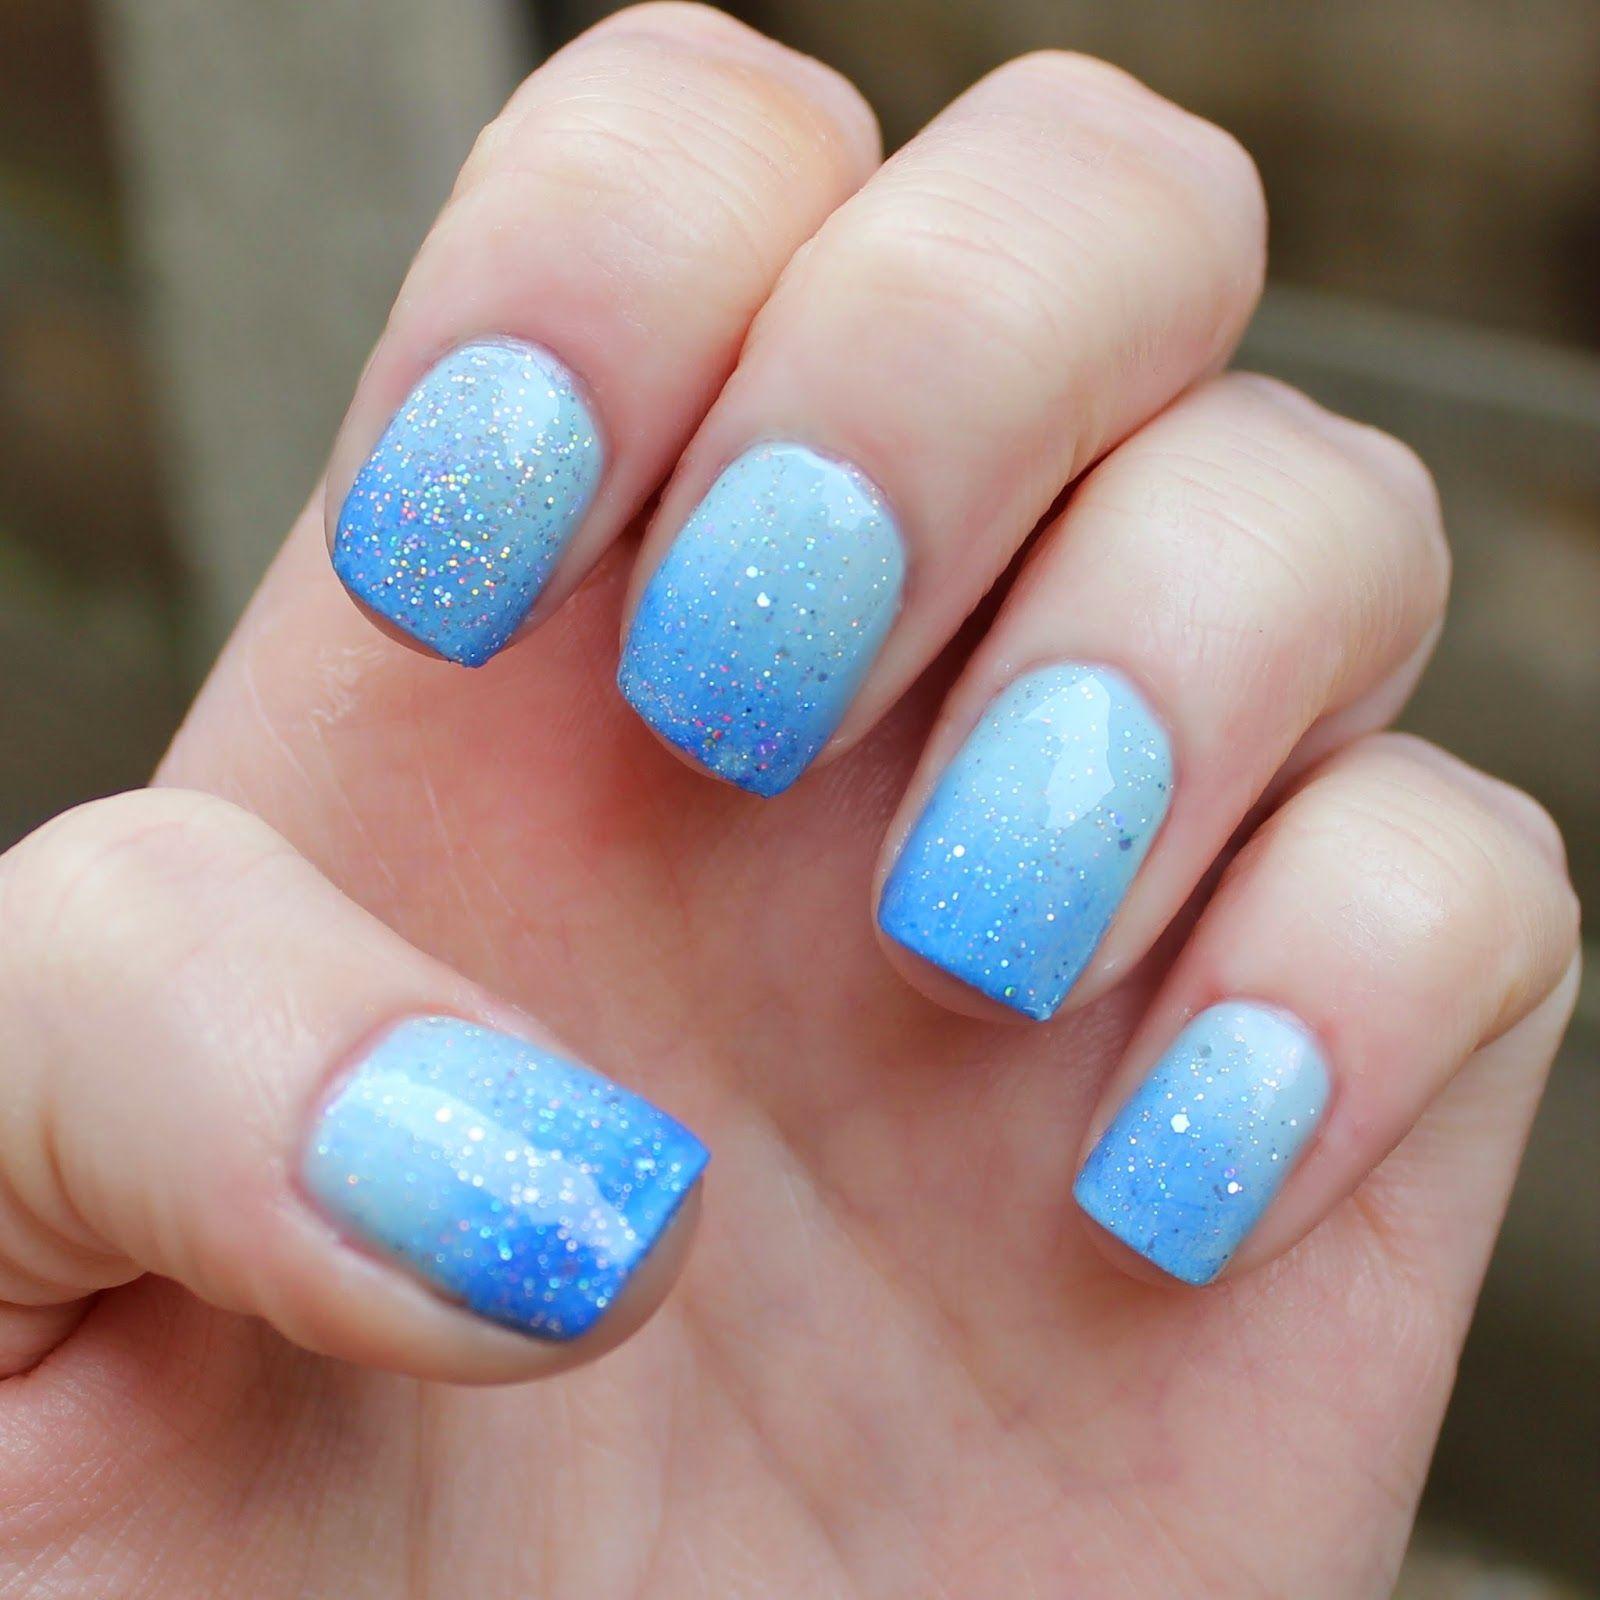 cinderella nail art nails